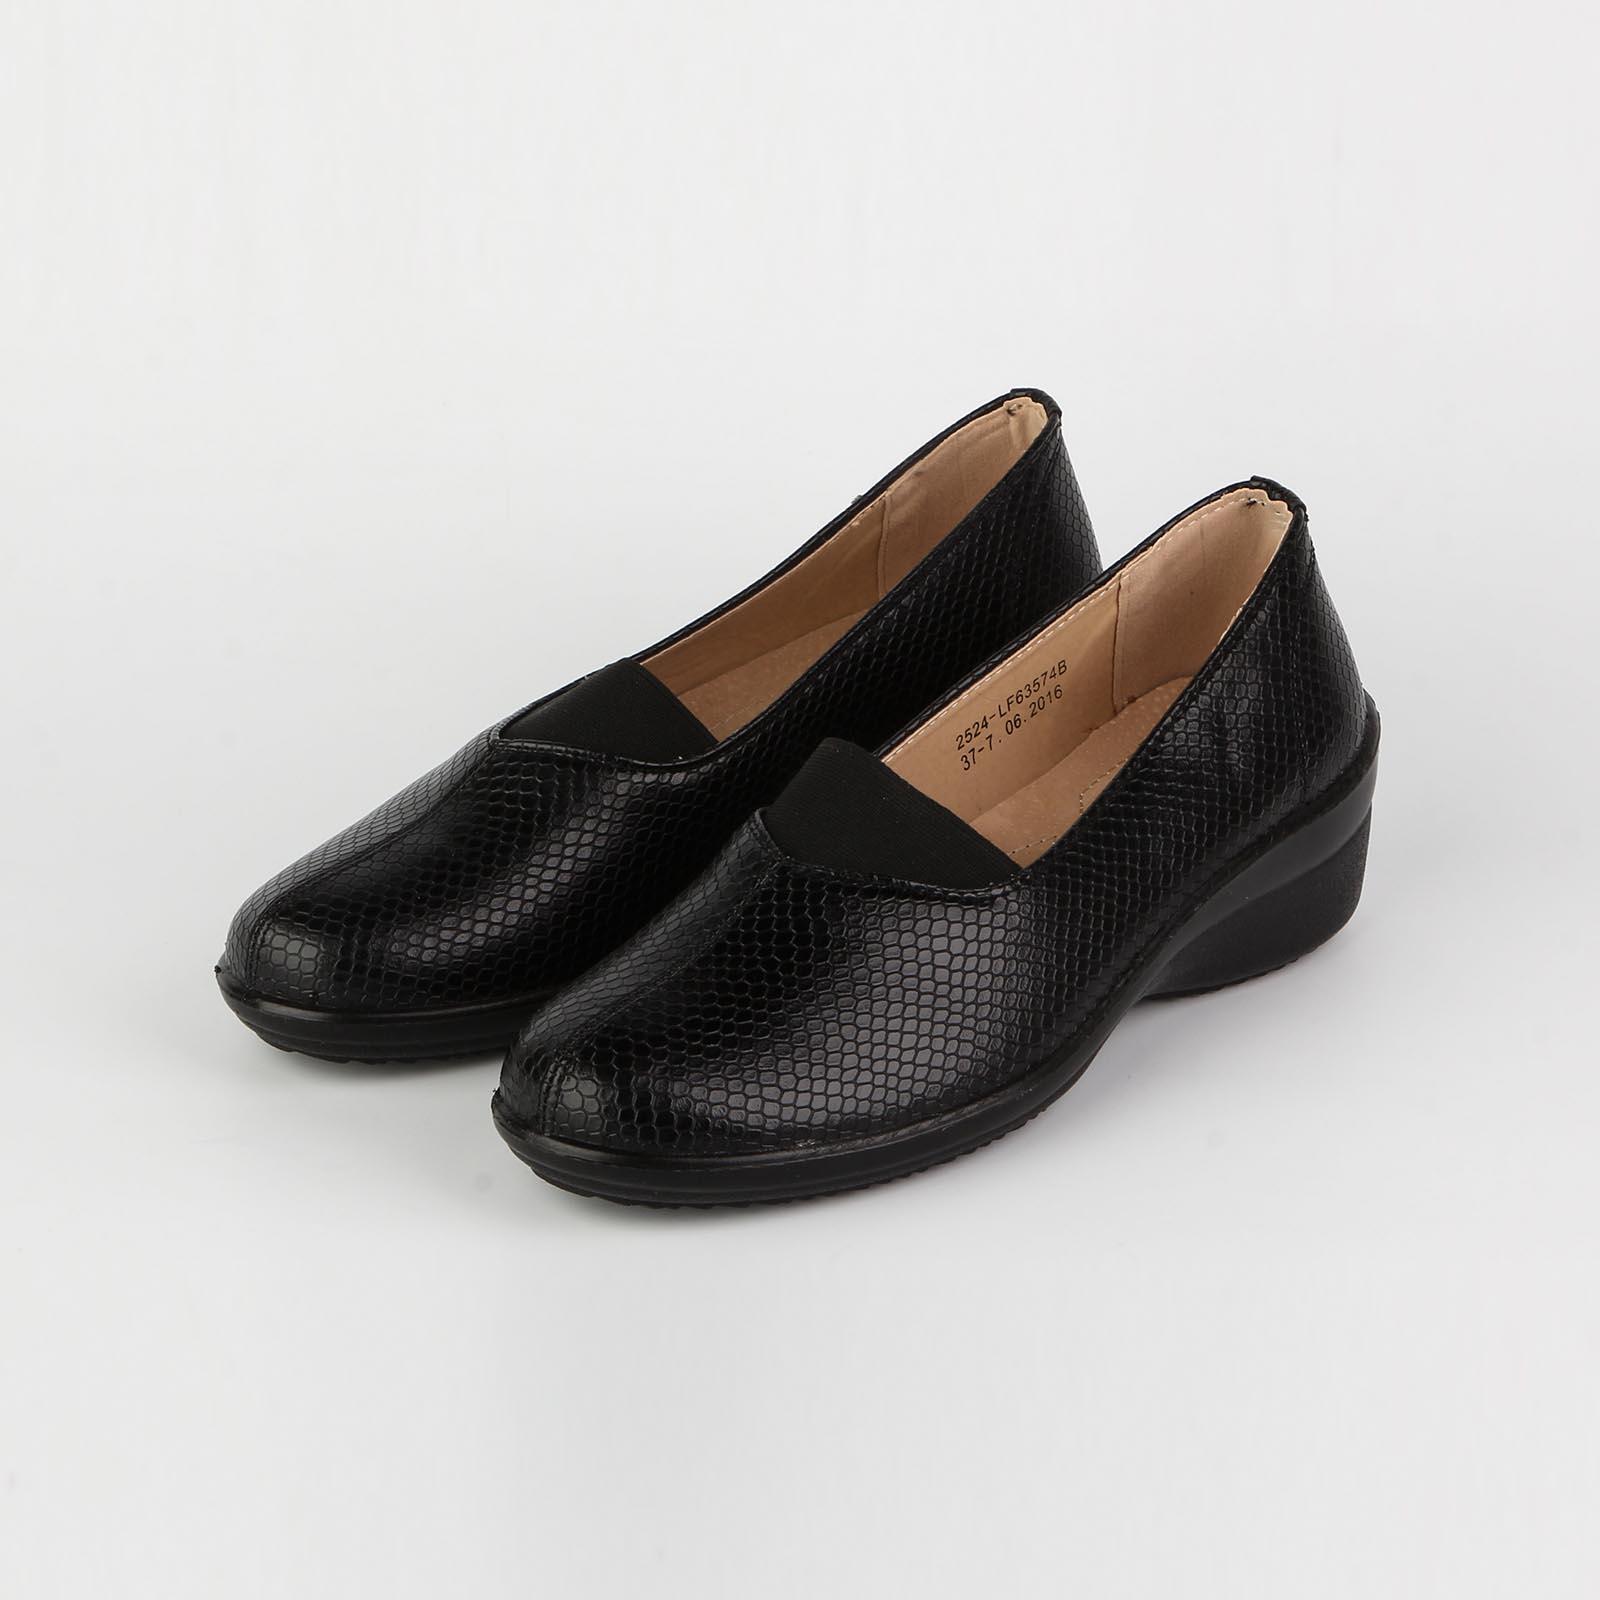 Туфли женские с тиснением под «рептилию» и закрытым мысом